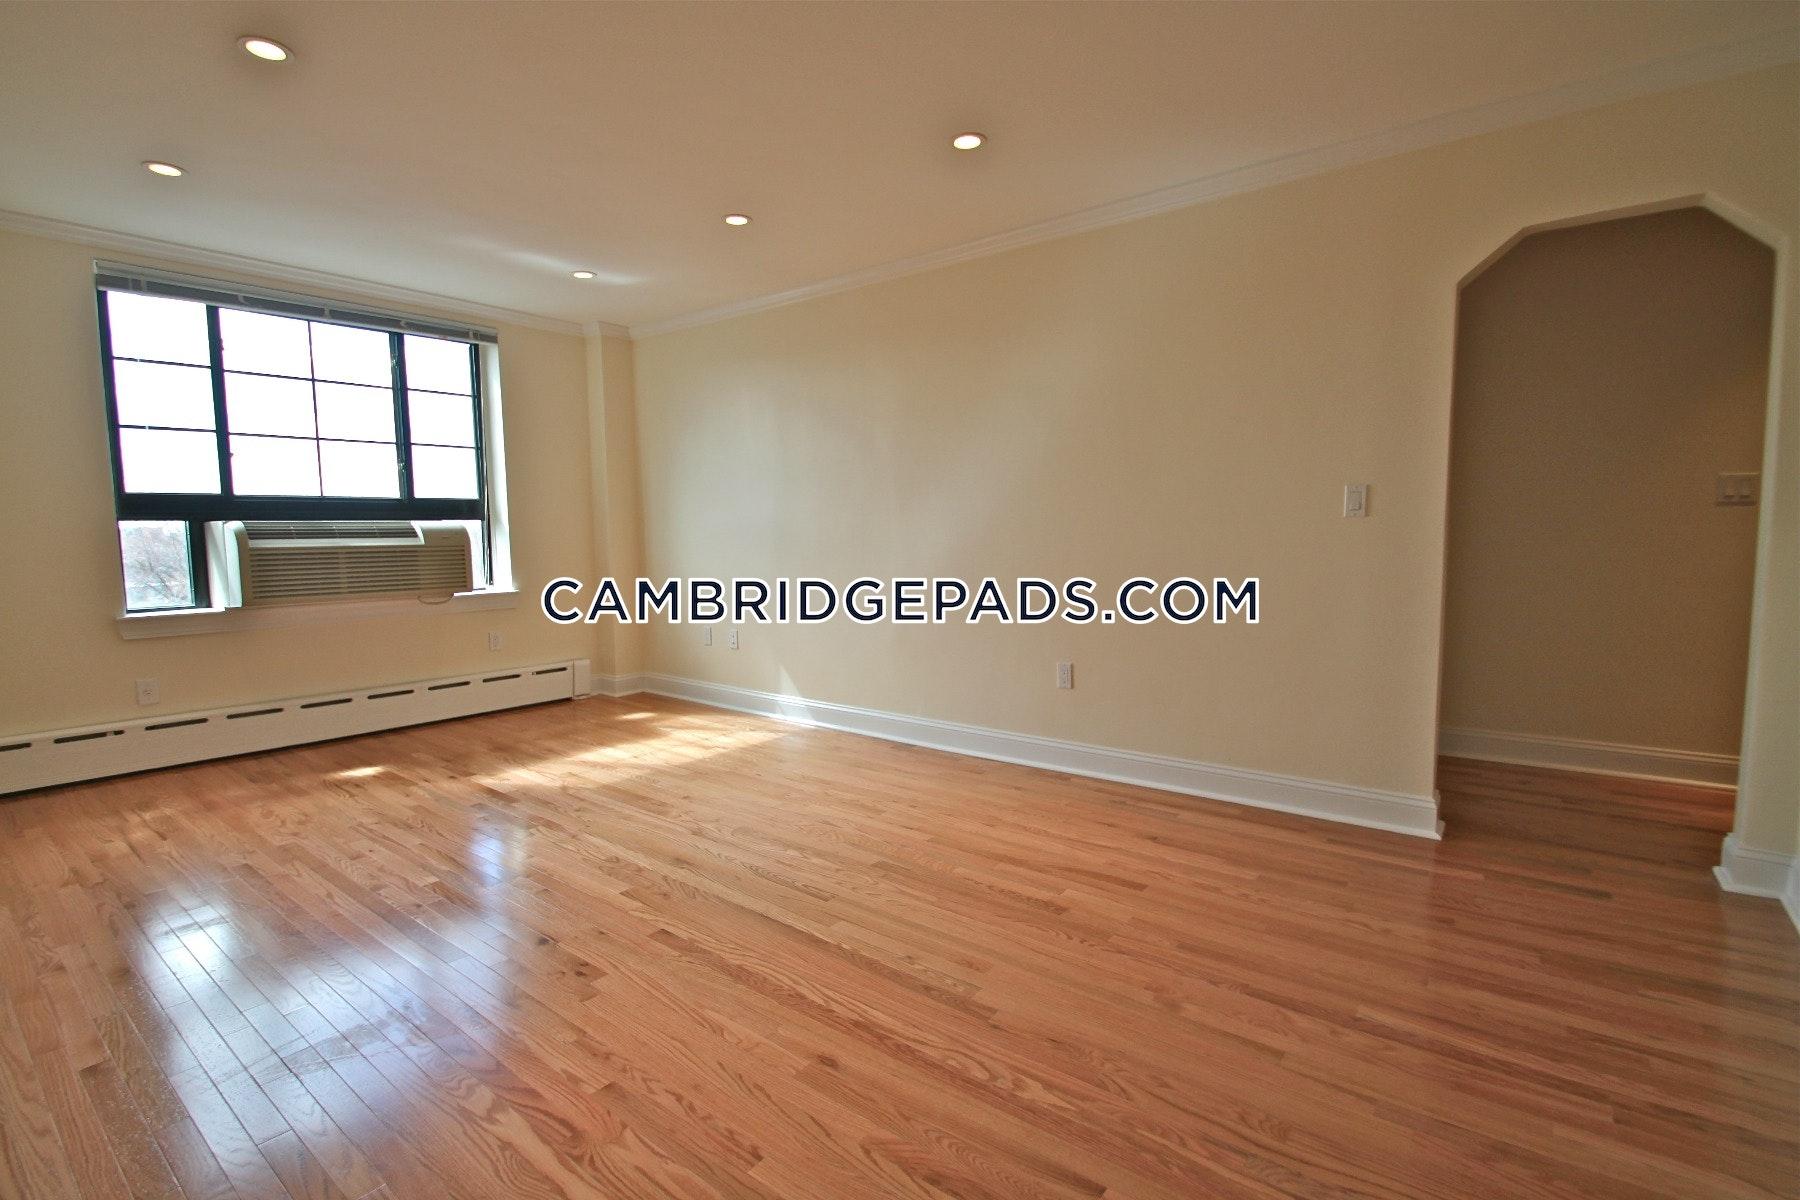 CAMBRIDGE - HARVARD SQUARE - $3,160